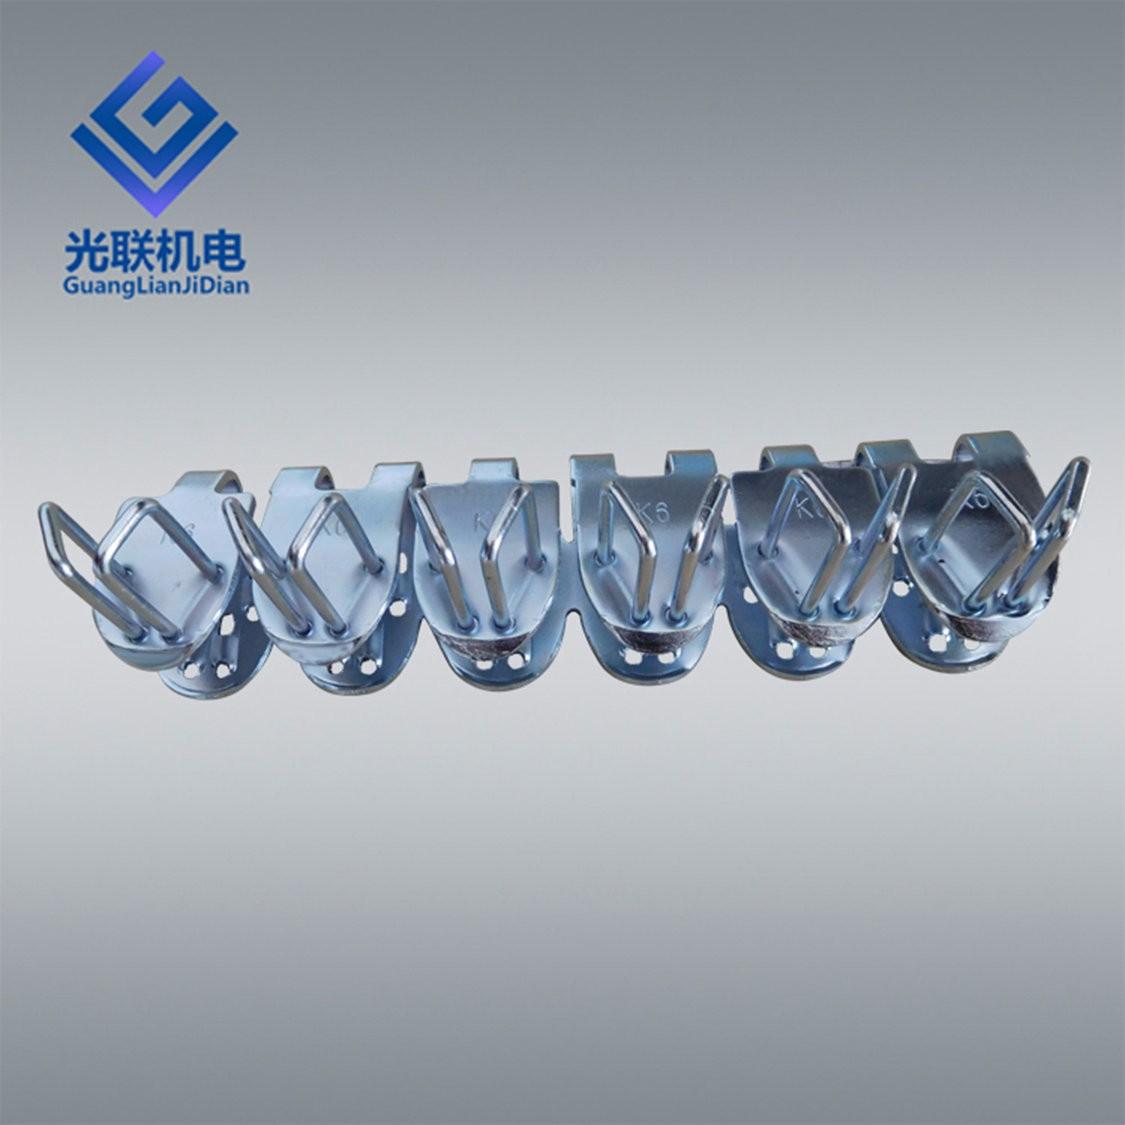 矿用强力皮带扣 V6-800、V6-650高强度皮带扣 质量保证 价格实惠